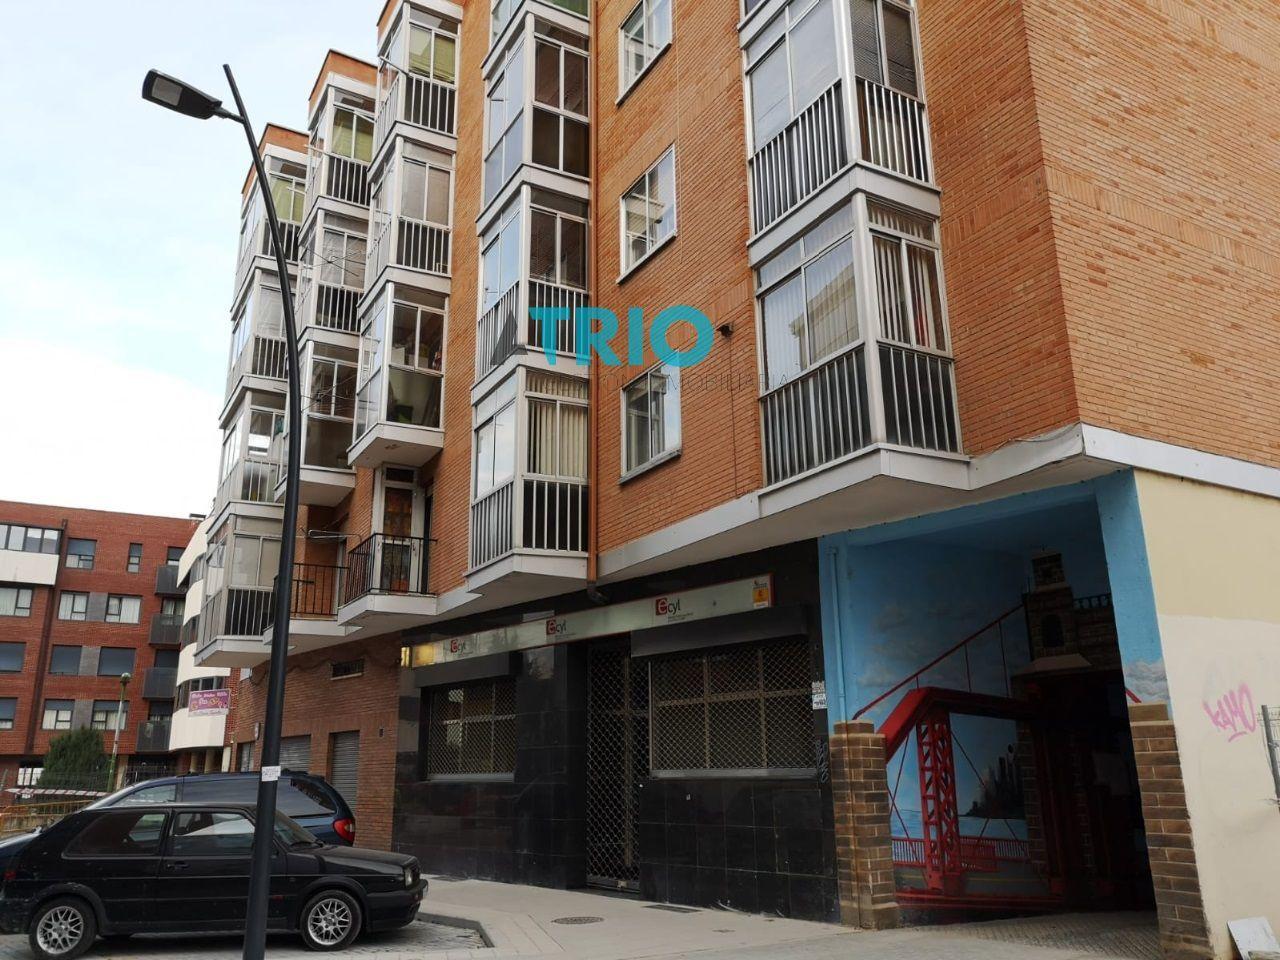 dia.mobiliagestion.es/Portals/inmoatrio/Images/6623/4161120